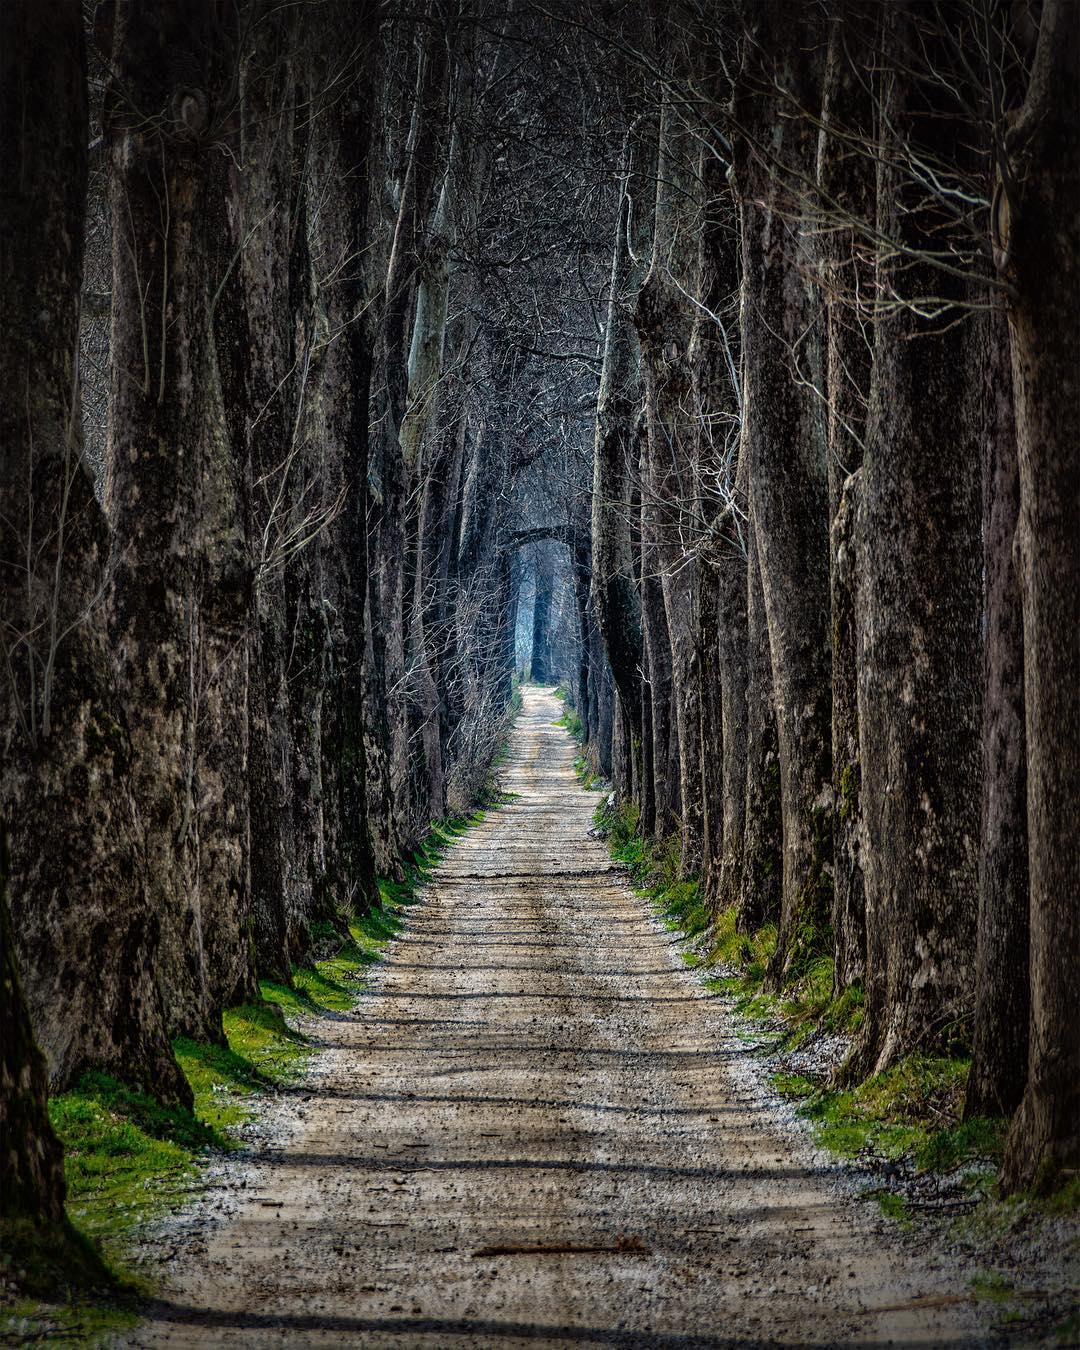 Путешествия и приключения на снимках Алтуга Галипа